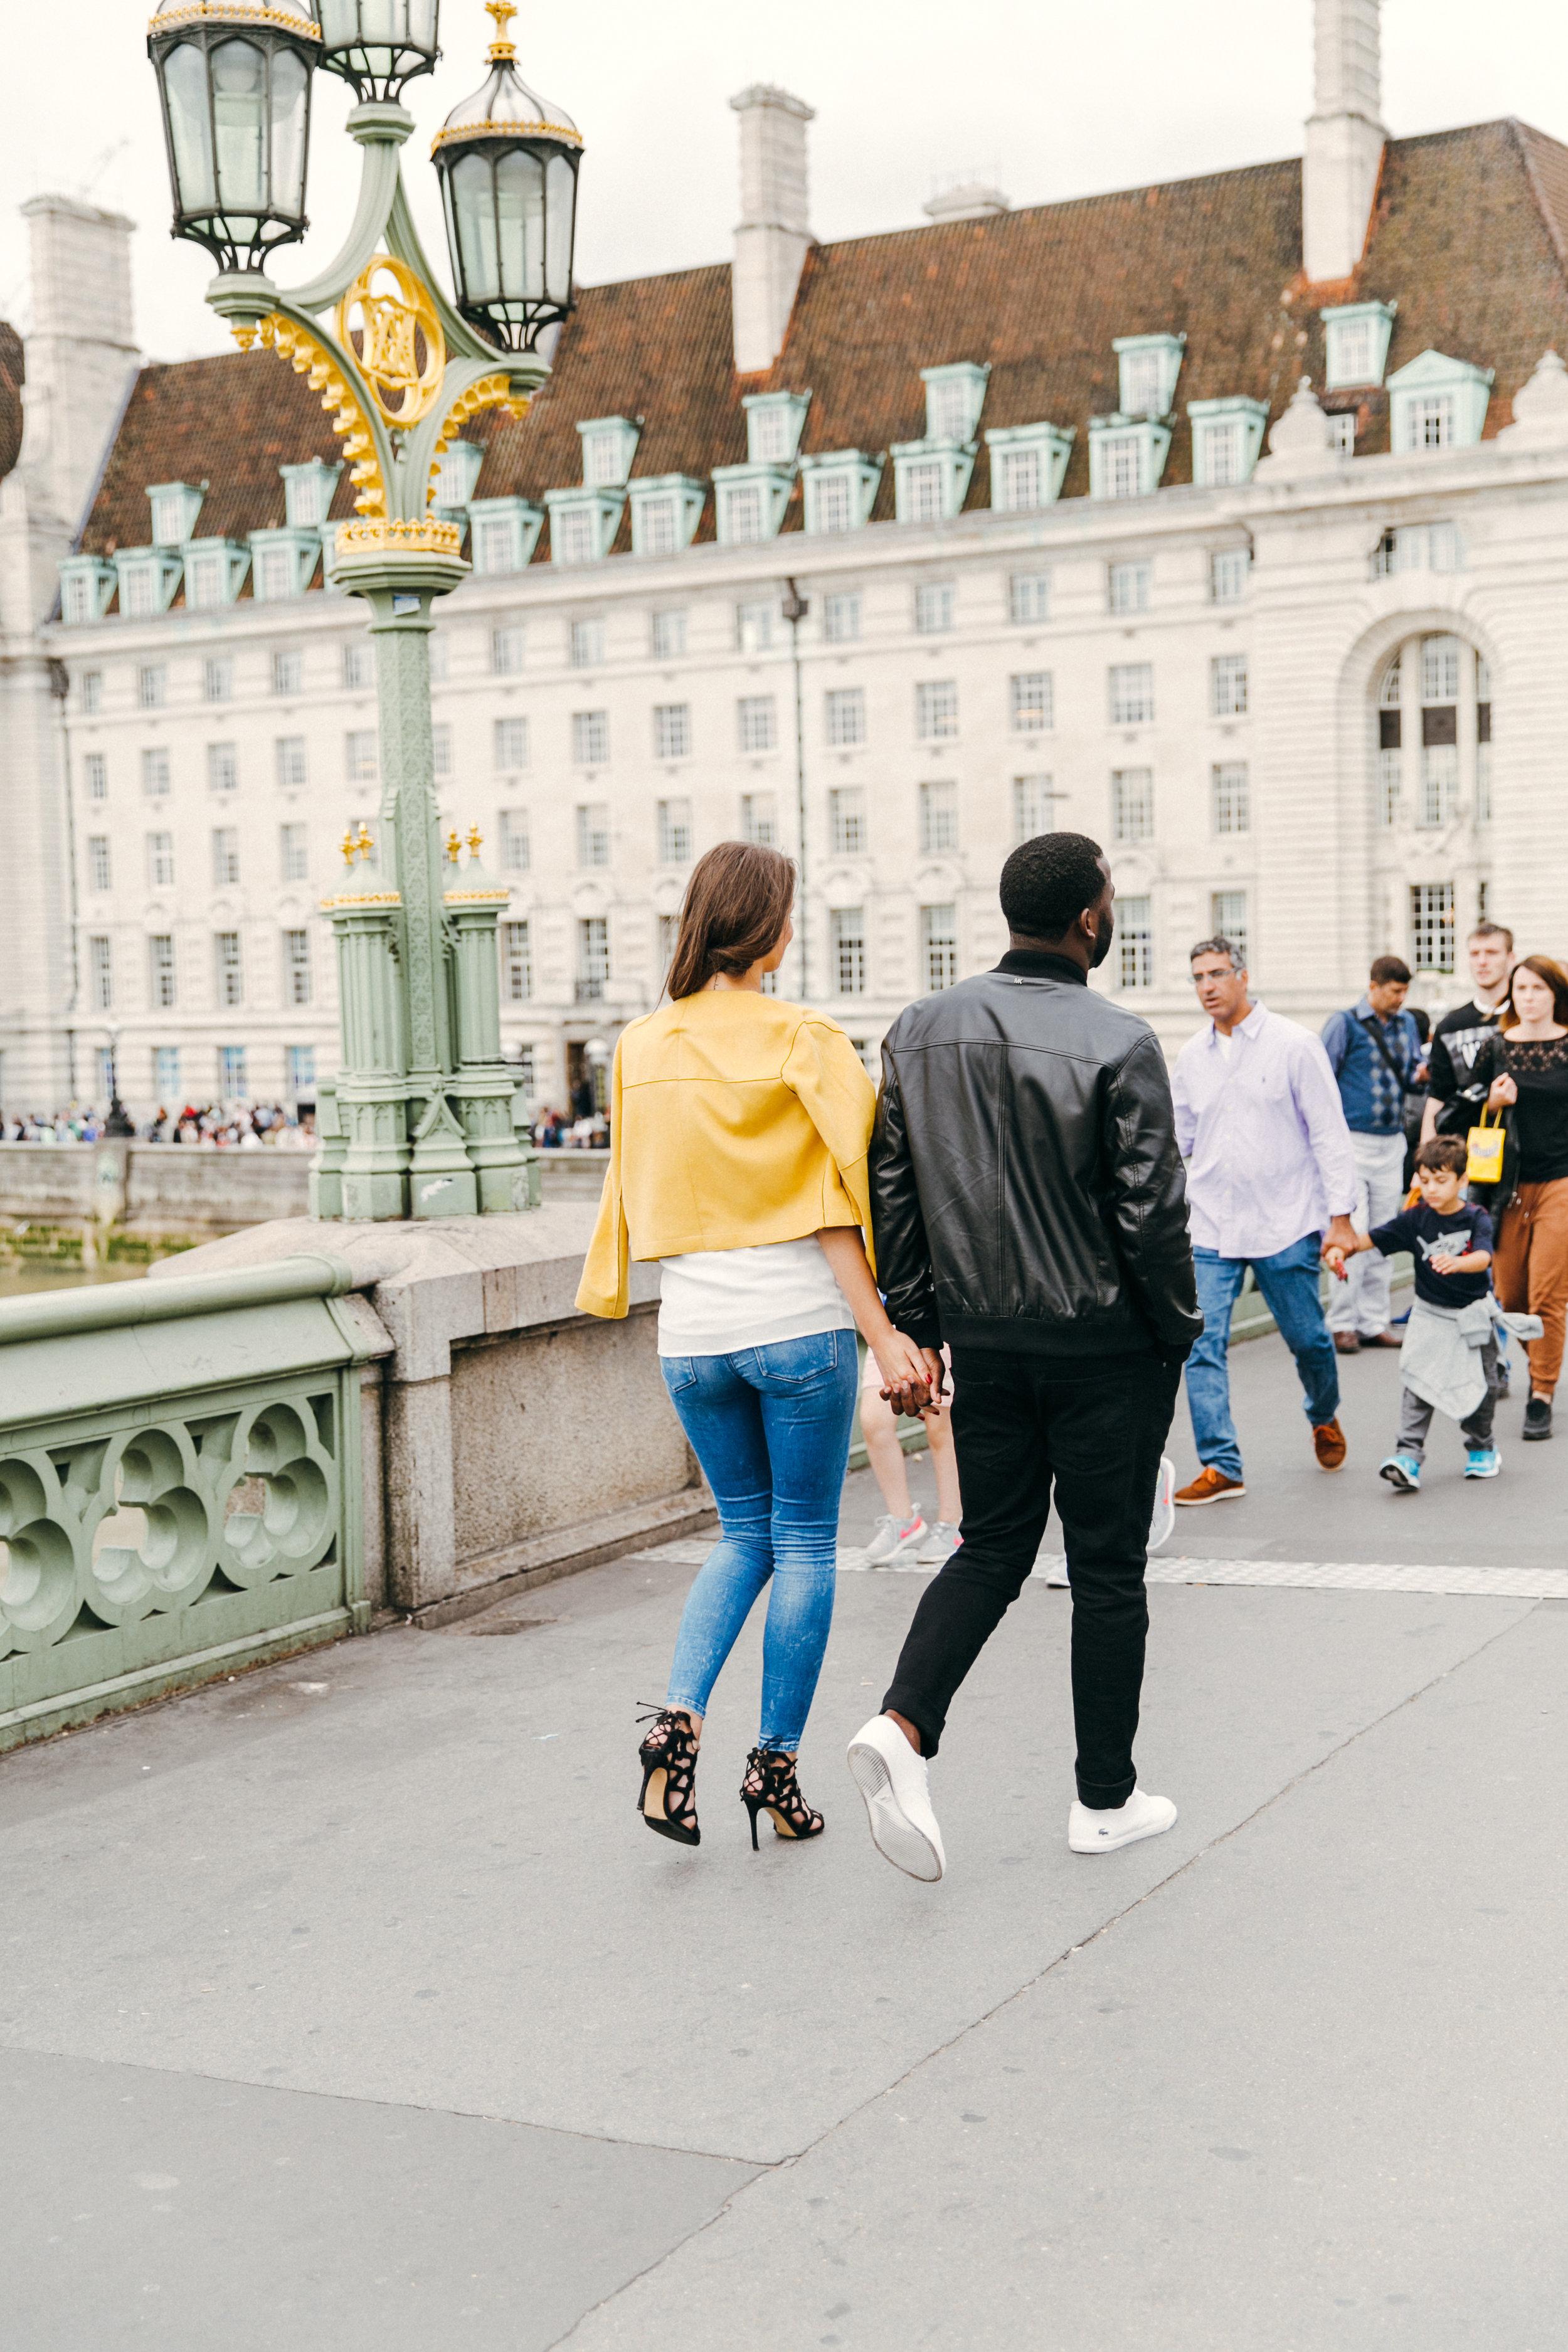 KaraNixonWeddings-LondonEye-Westminster-Engagement-16.jpg